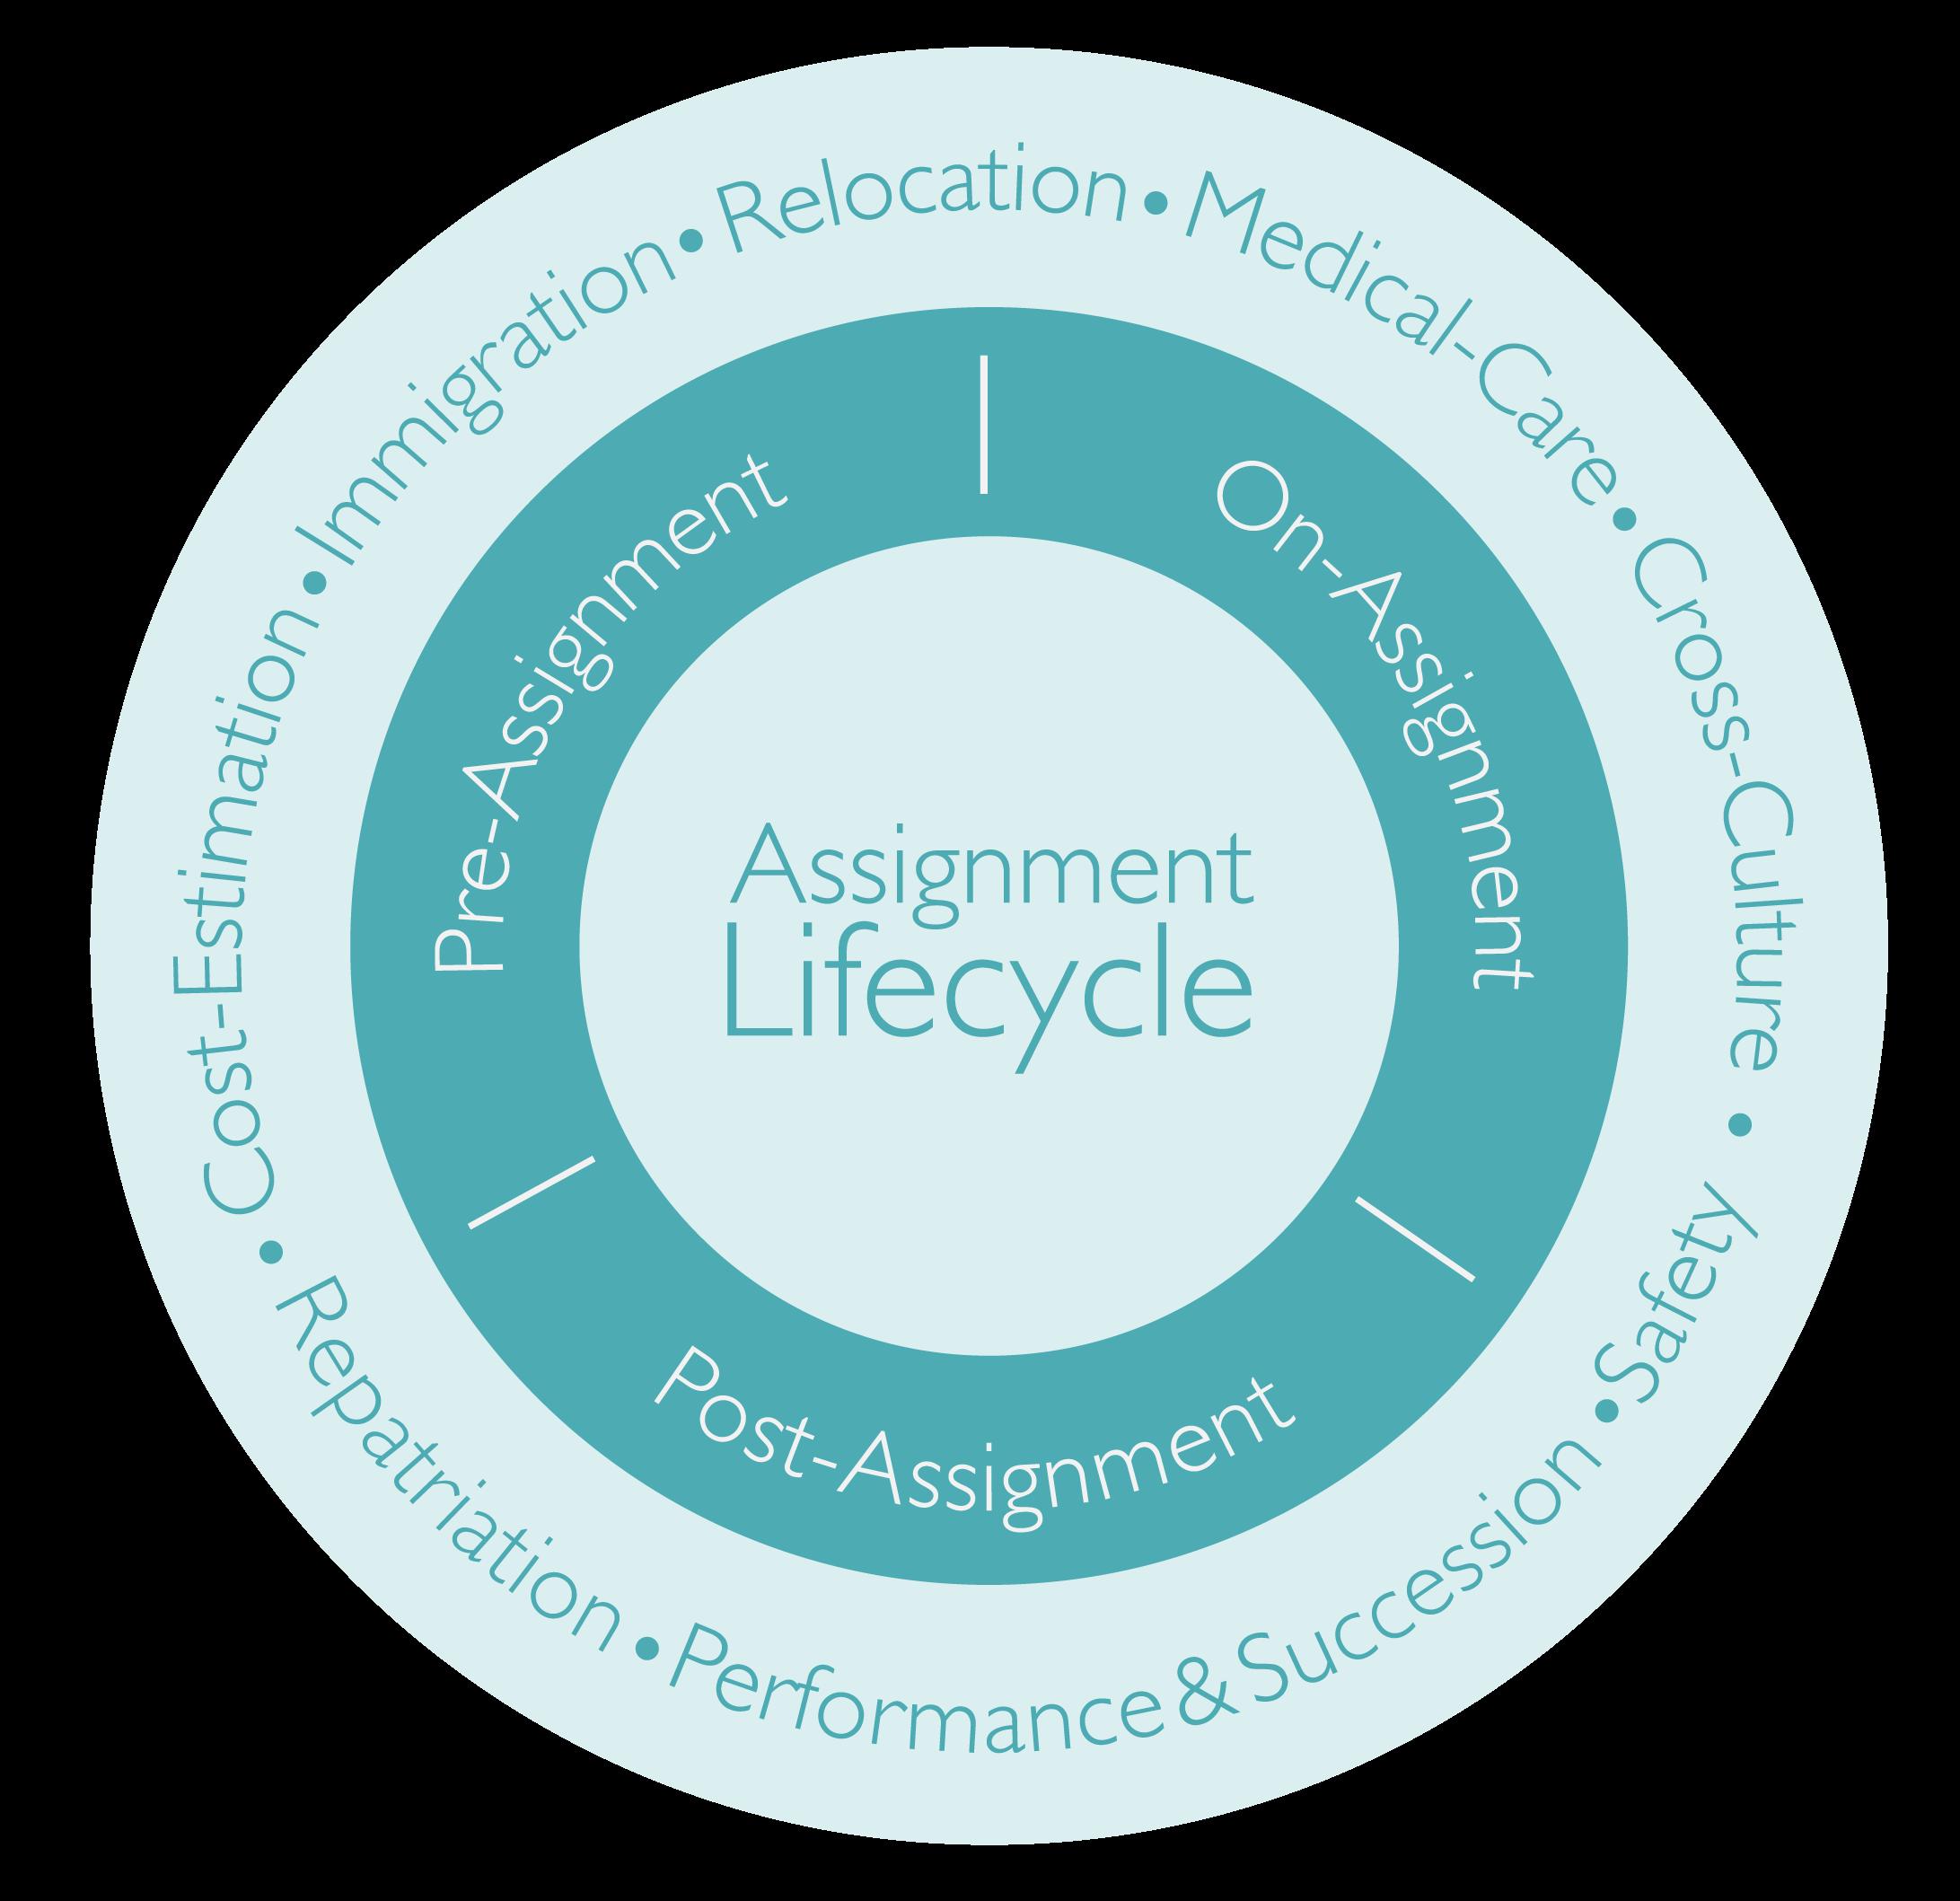 Die verschiedenen Phasen eines Assignment Lifecycles: Welche Phasen des Auslandseinsatzes und welche Services sind relevant?